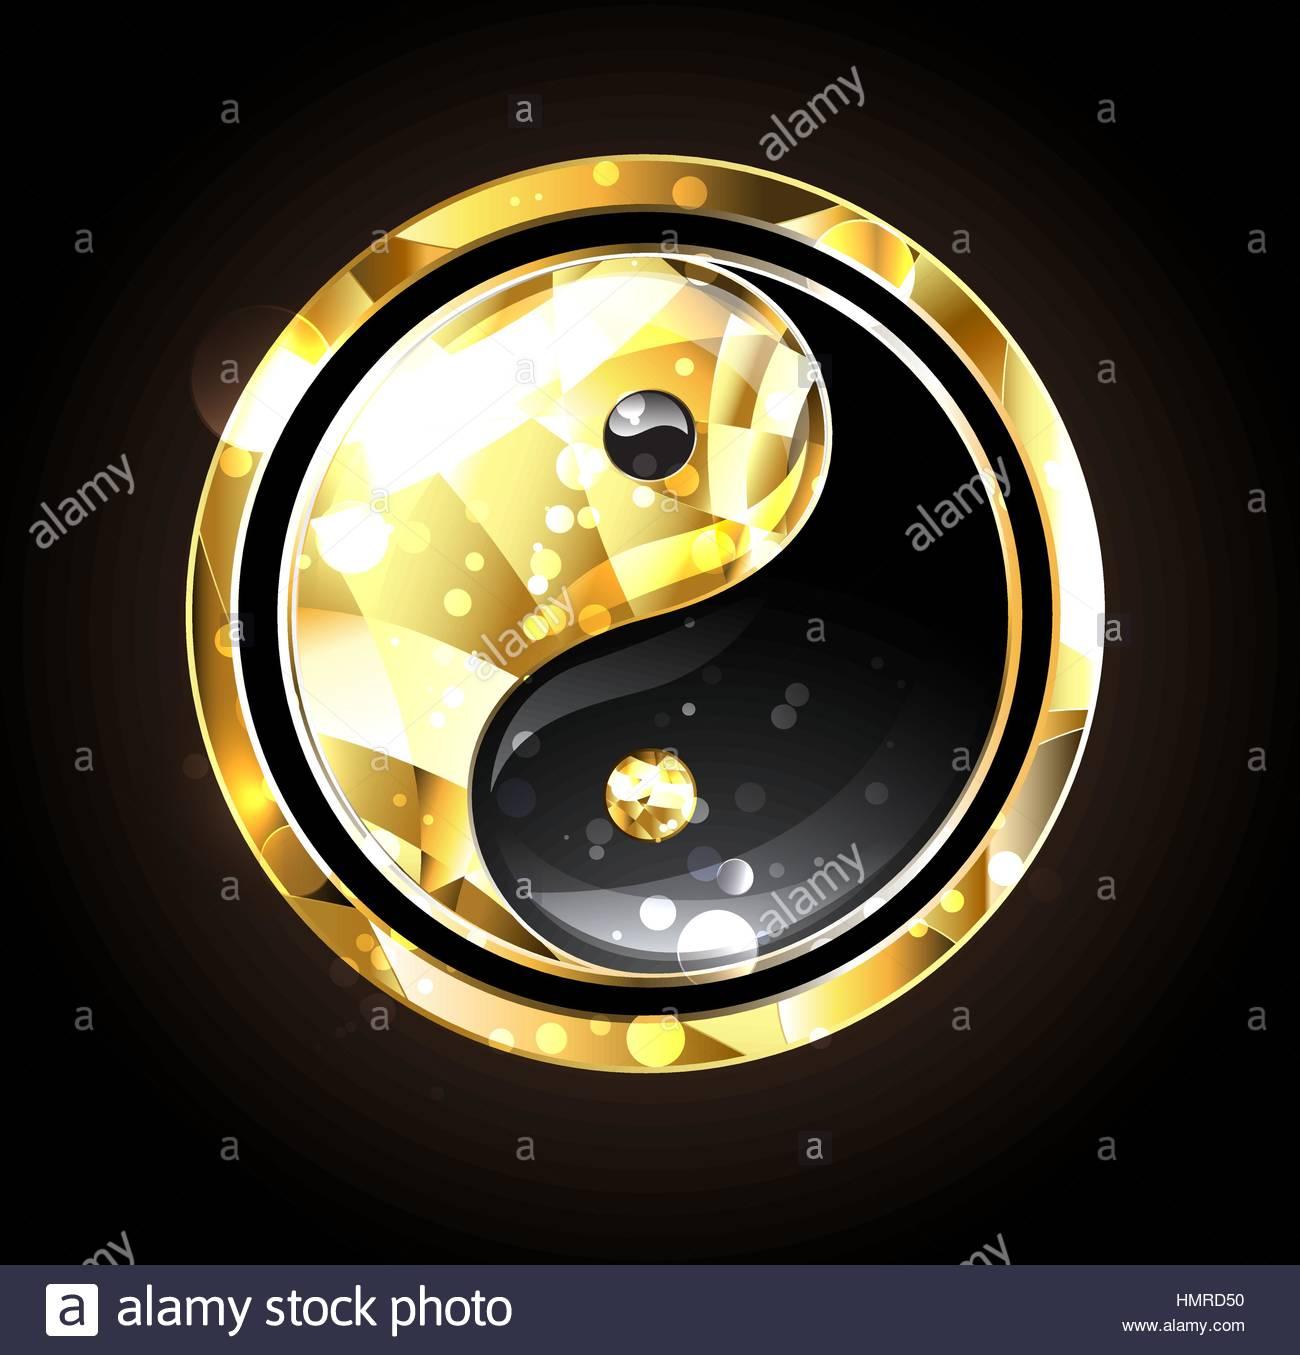 1300x1355 Drawing Yin Yang Abstract Symbol Stock Photos Amp Drawing Yin Yang